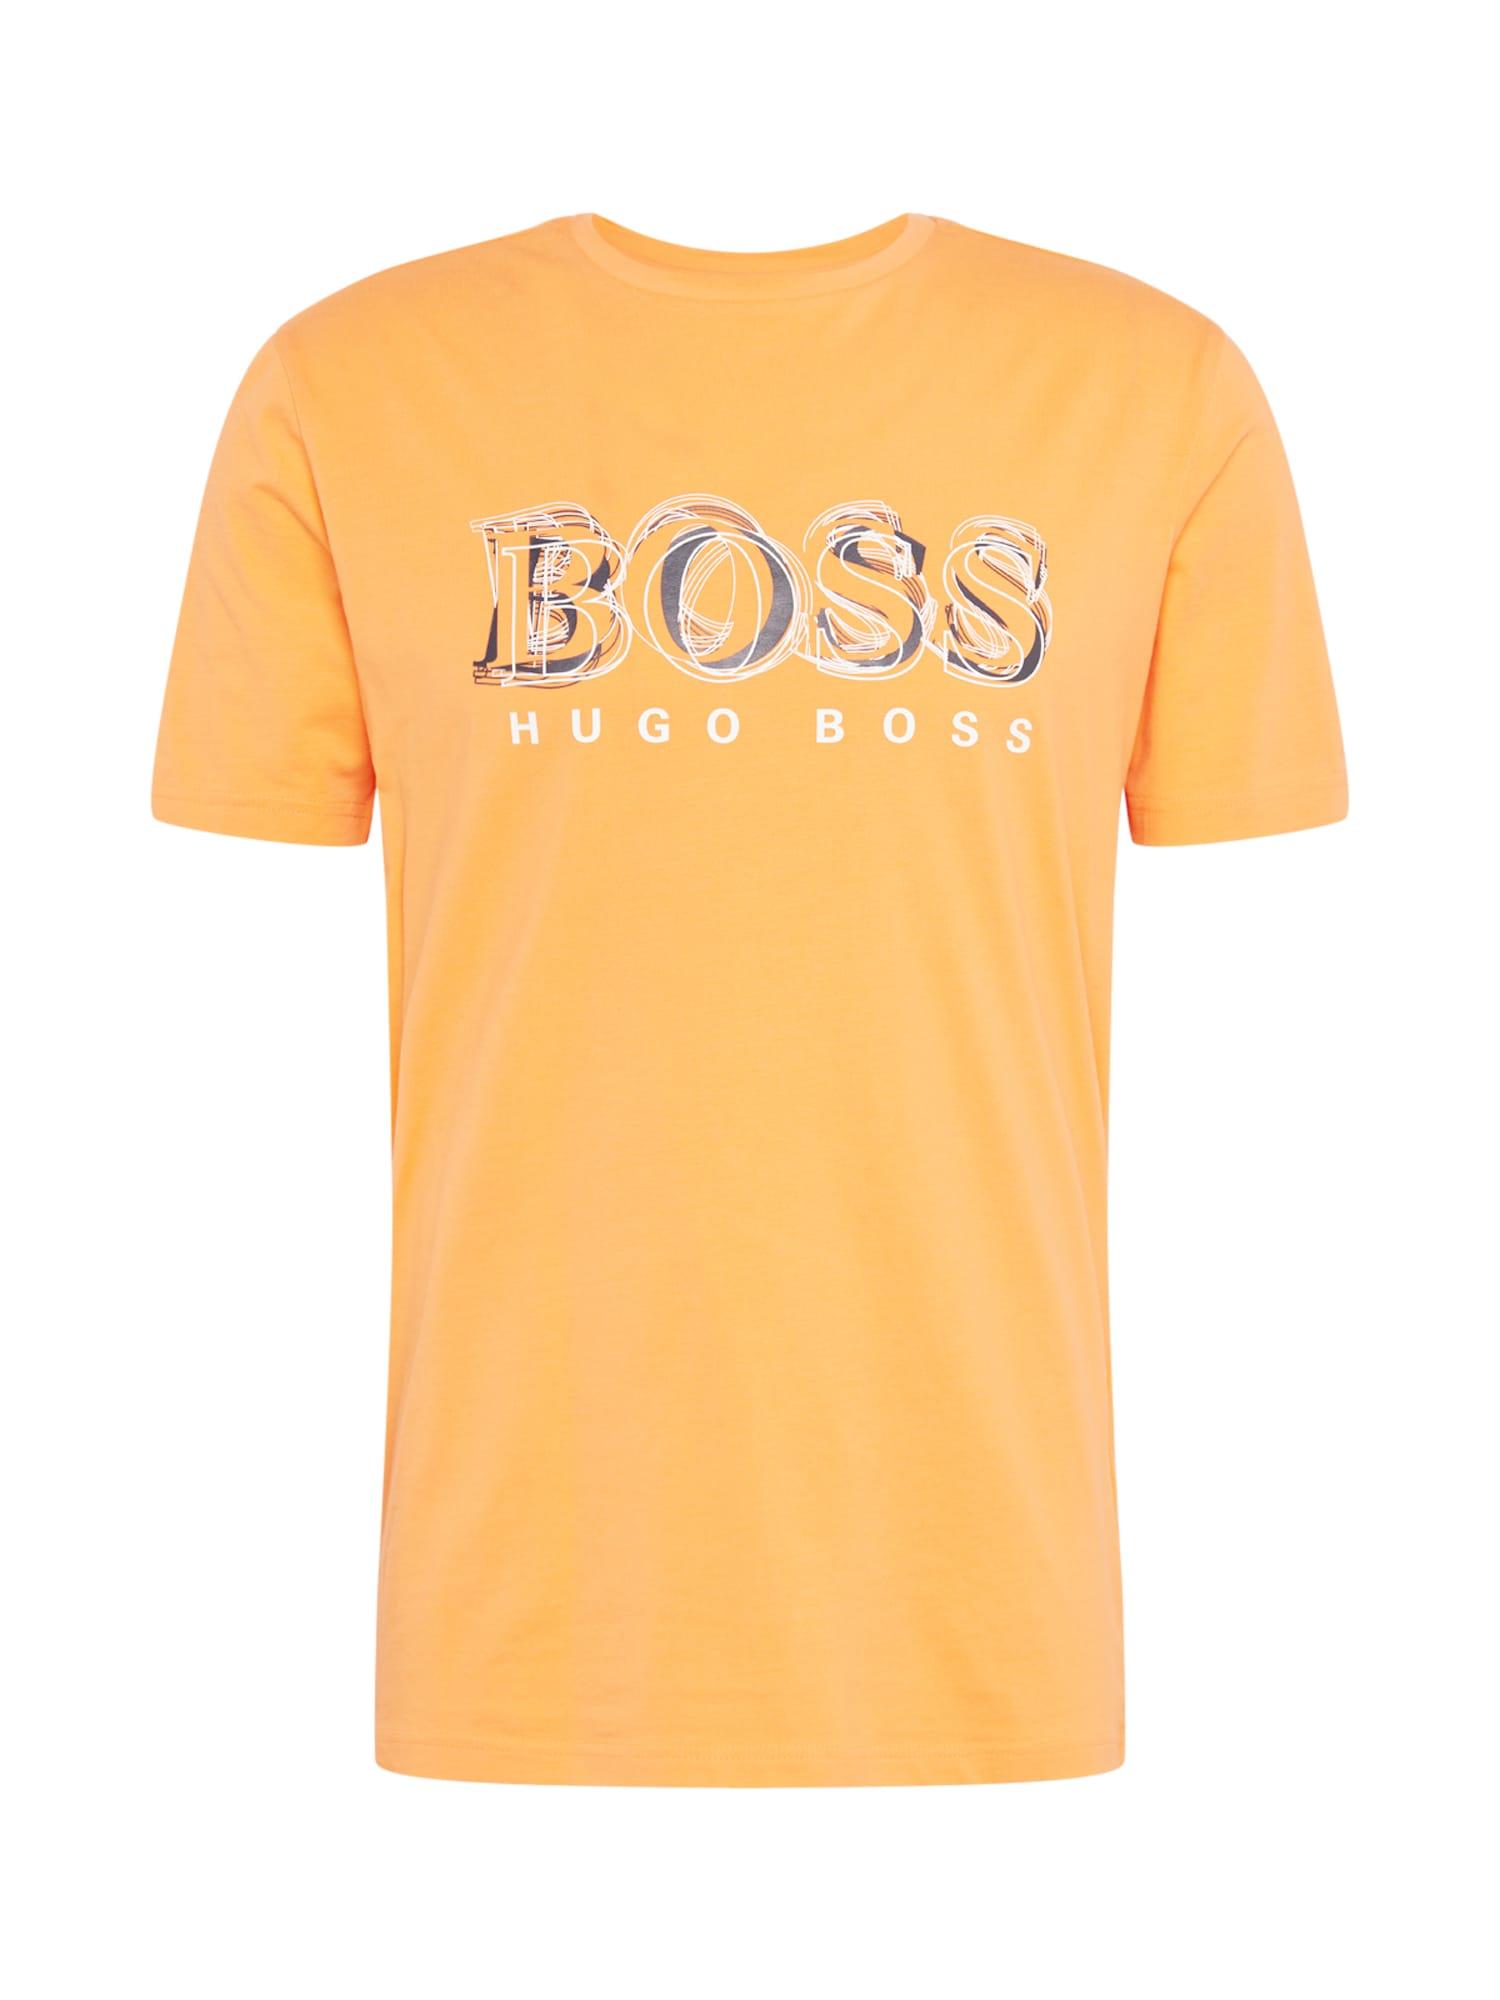 BOSS ATHLEISURE Marškinėliai 'Tee 4' oranžinė